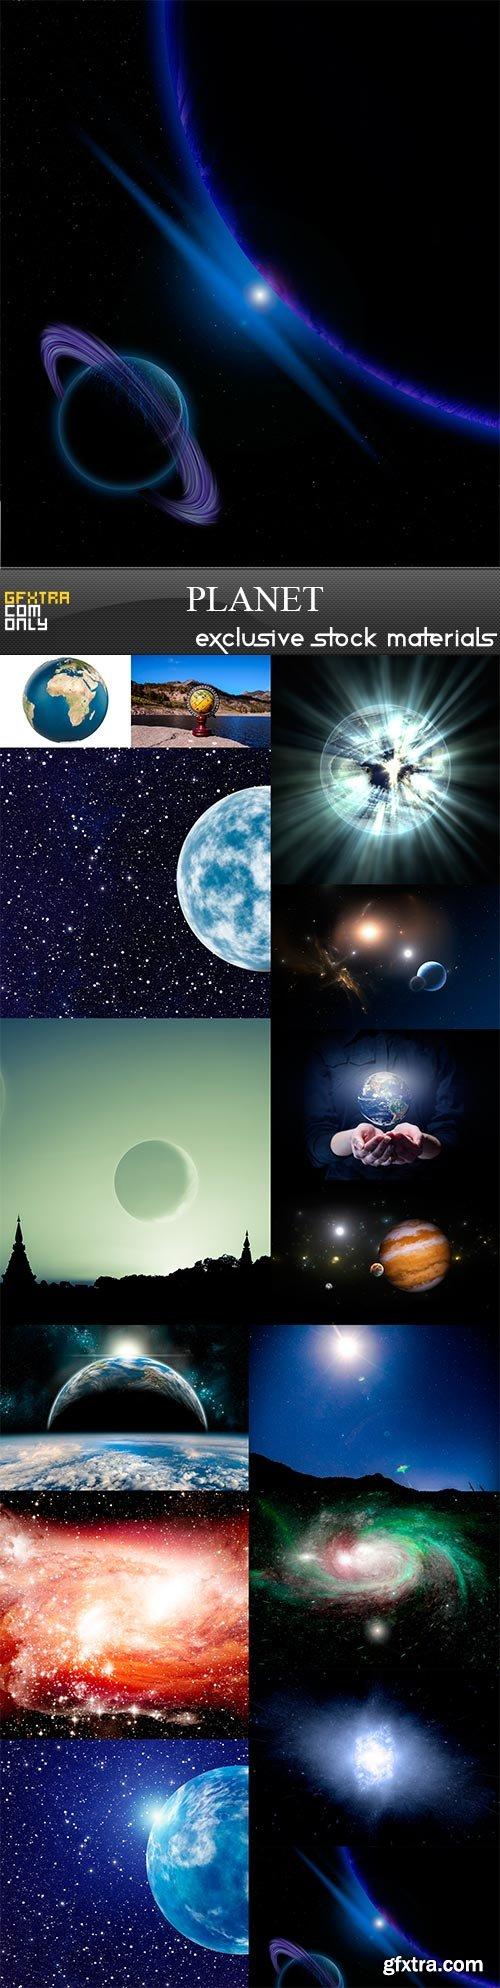 Planet, 15 x UHQ JPEG